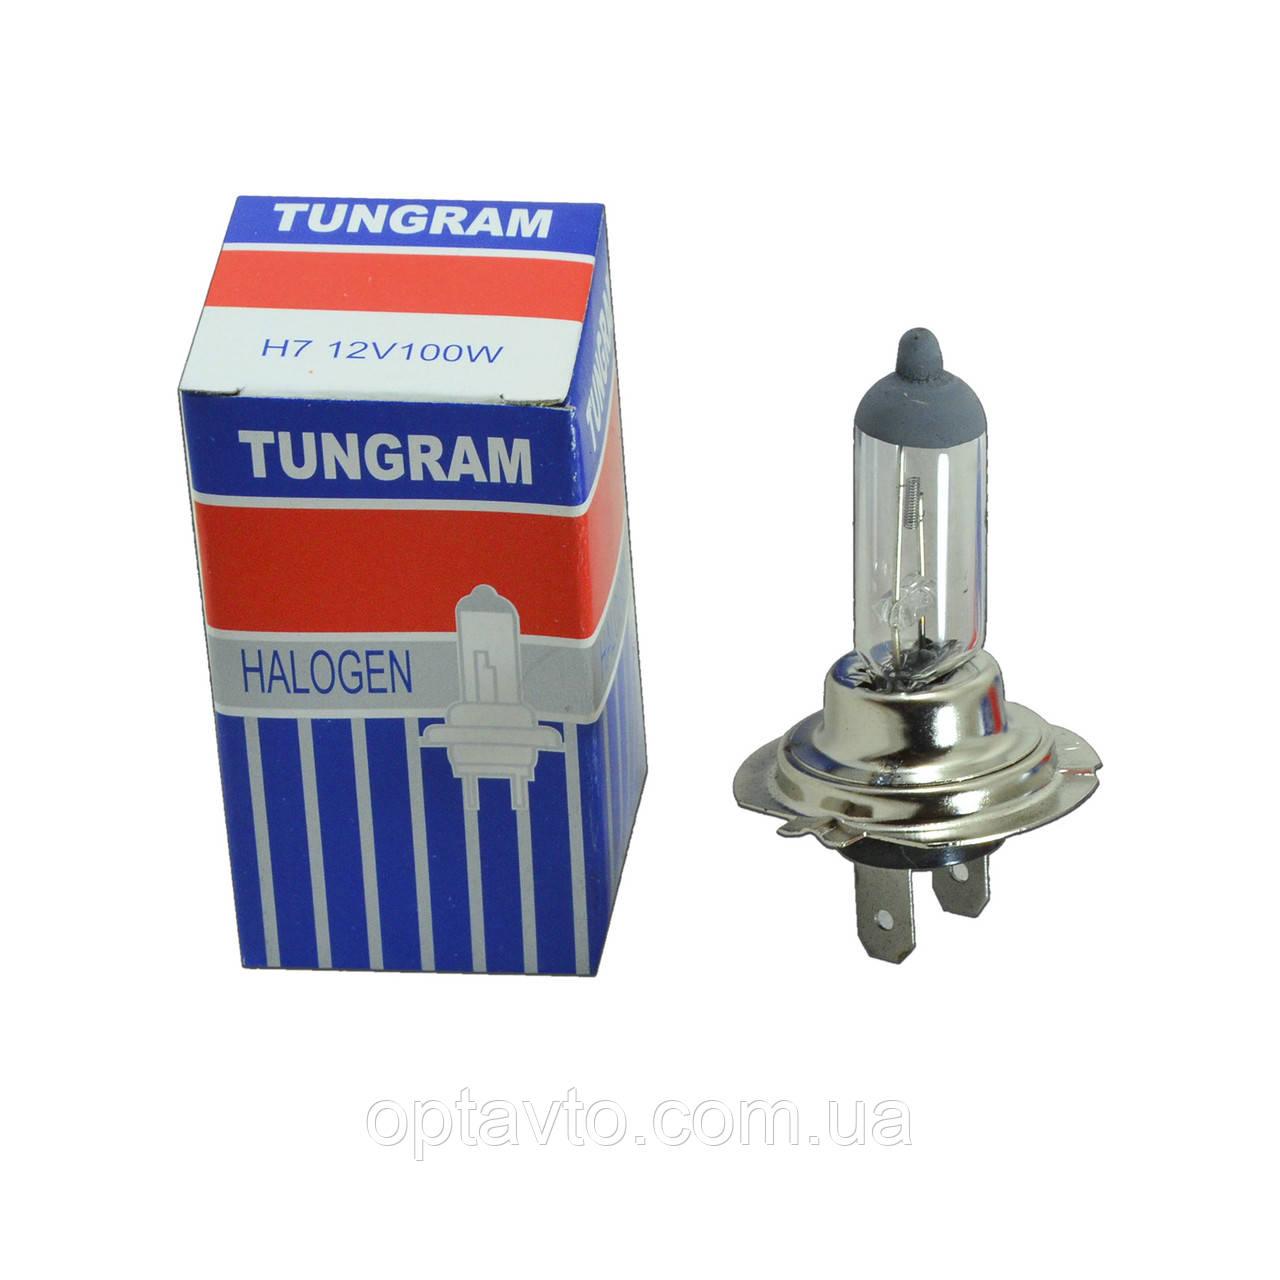 Легкова H7 12V 100W Лампа TUNGRAM Strong Ligt